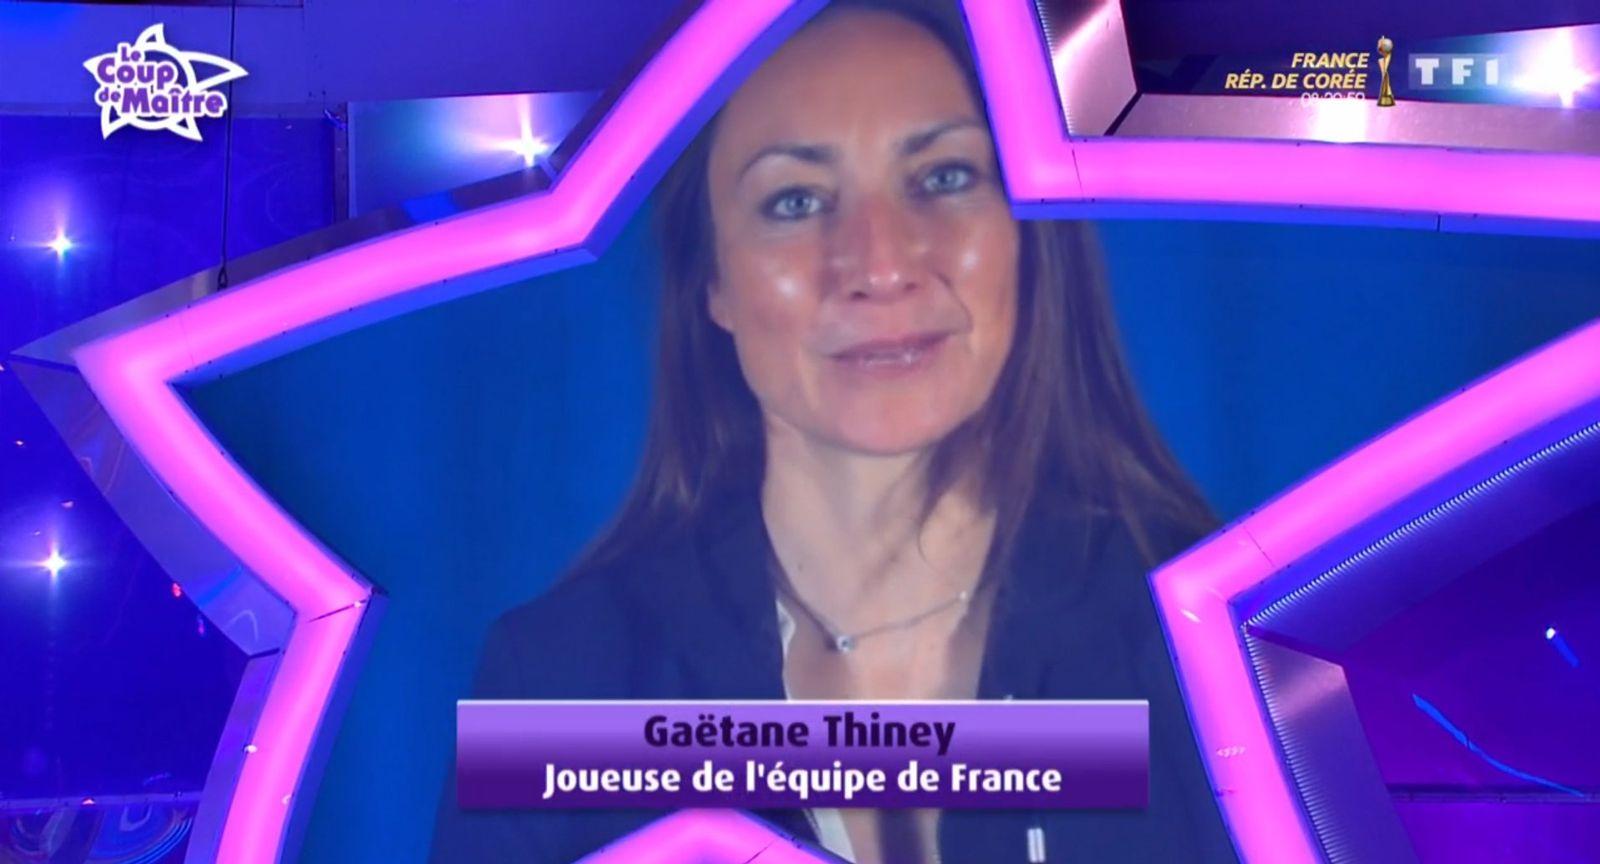 VIDÉO. Coupe du monde féminine Gaëtane Thiney s'invite